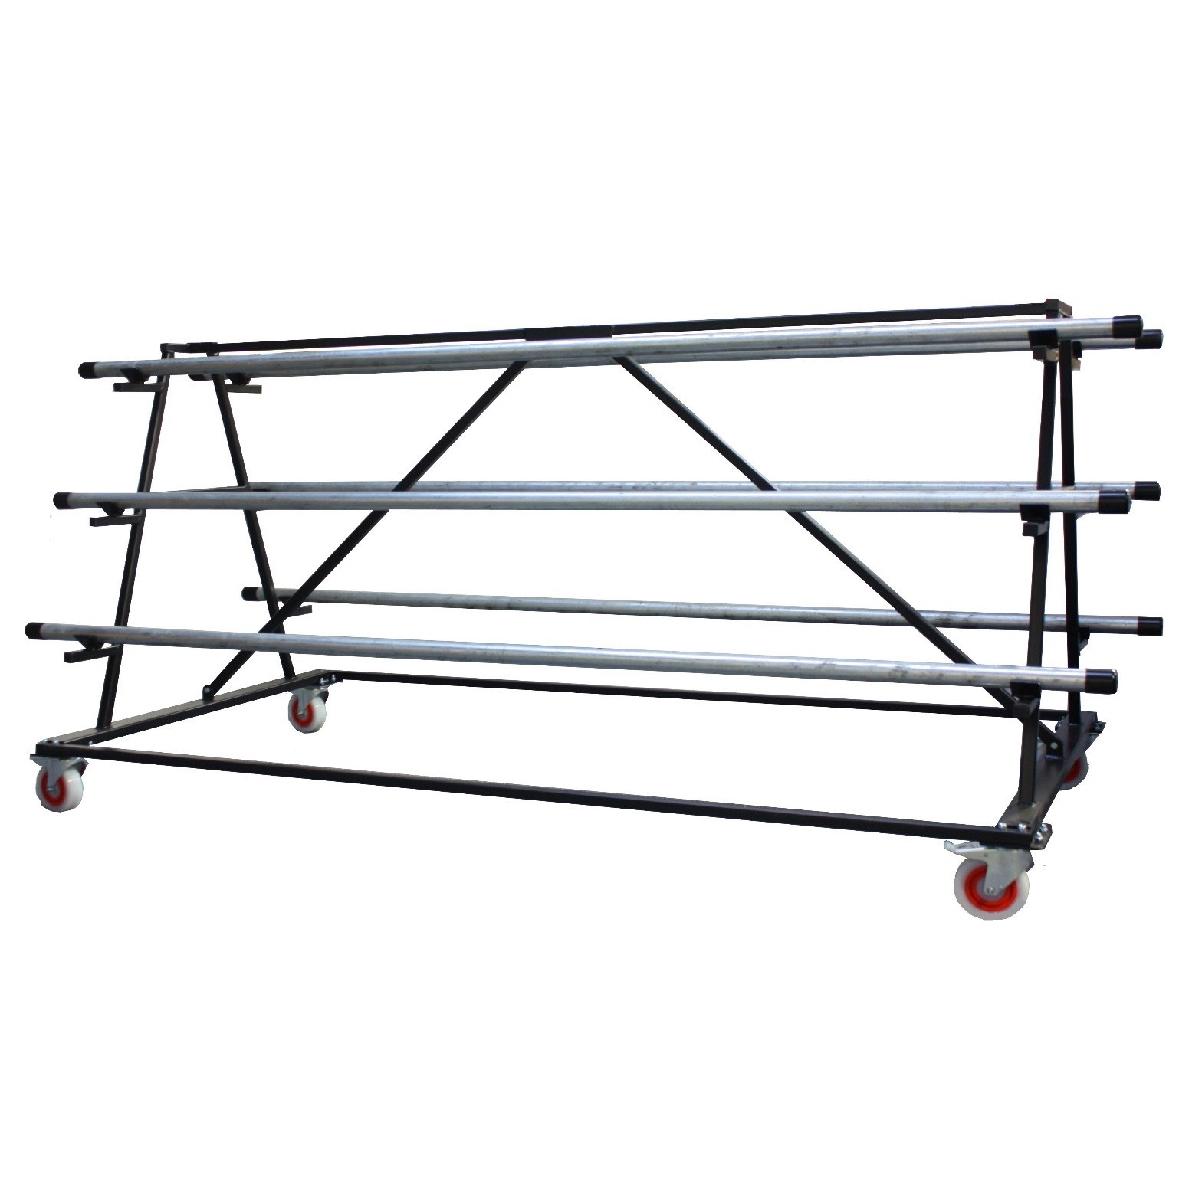 Transportkar voor vinyl dansvloeren - 6 rollen / 1,5m breed